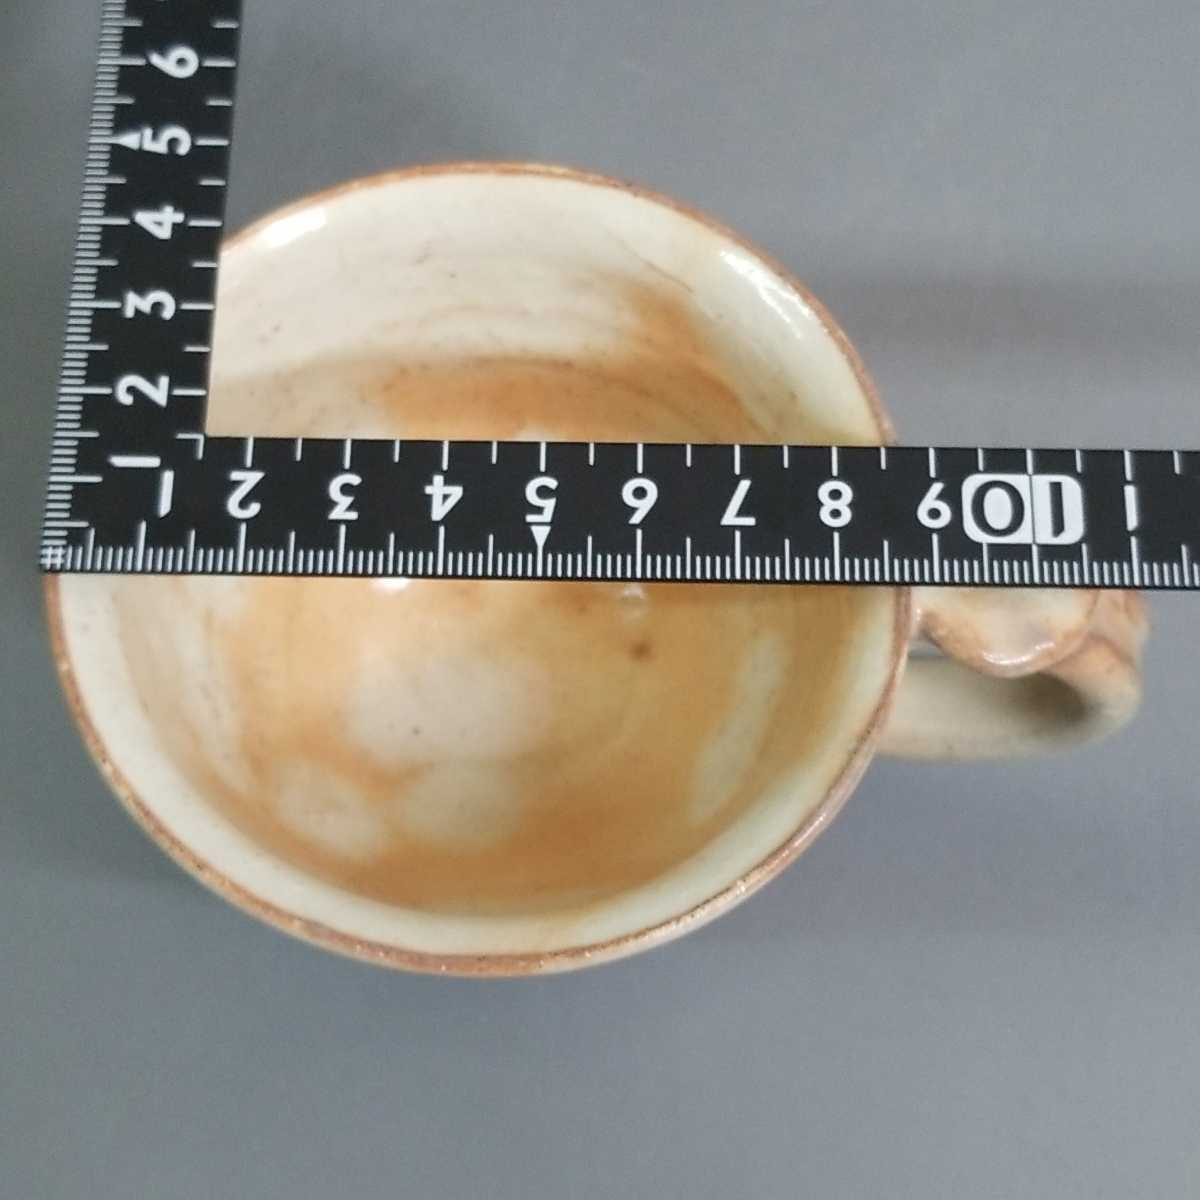 尚50)萩焼 渋谷泥詩 見島コーヒーカップ マグカップ 珈琲器 茶器 未使用新品 同梱歓迎_画像8